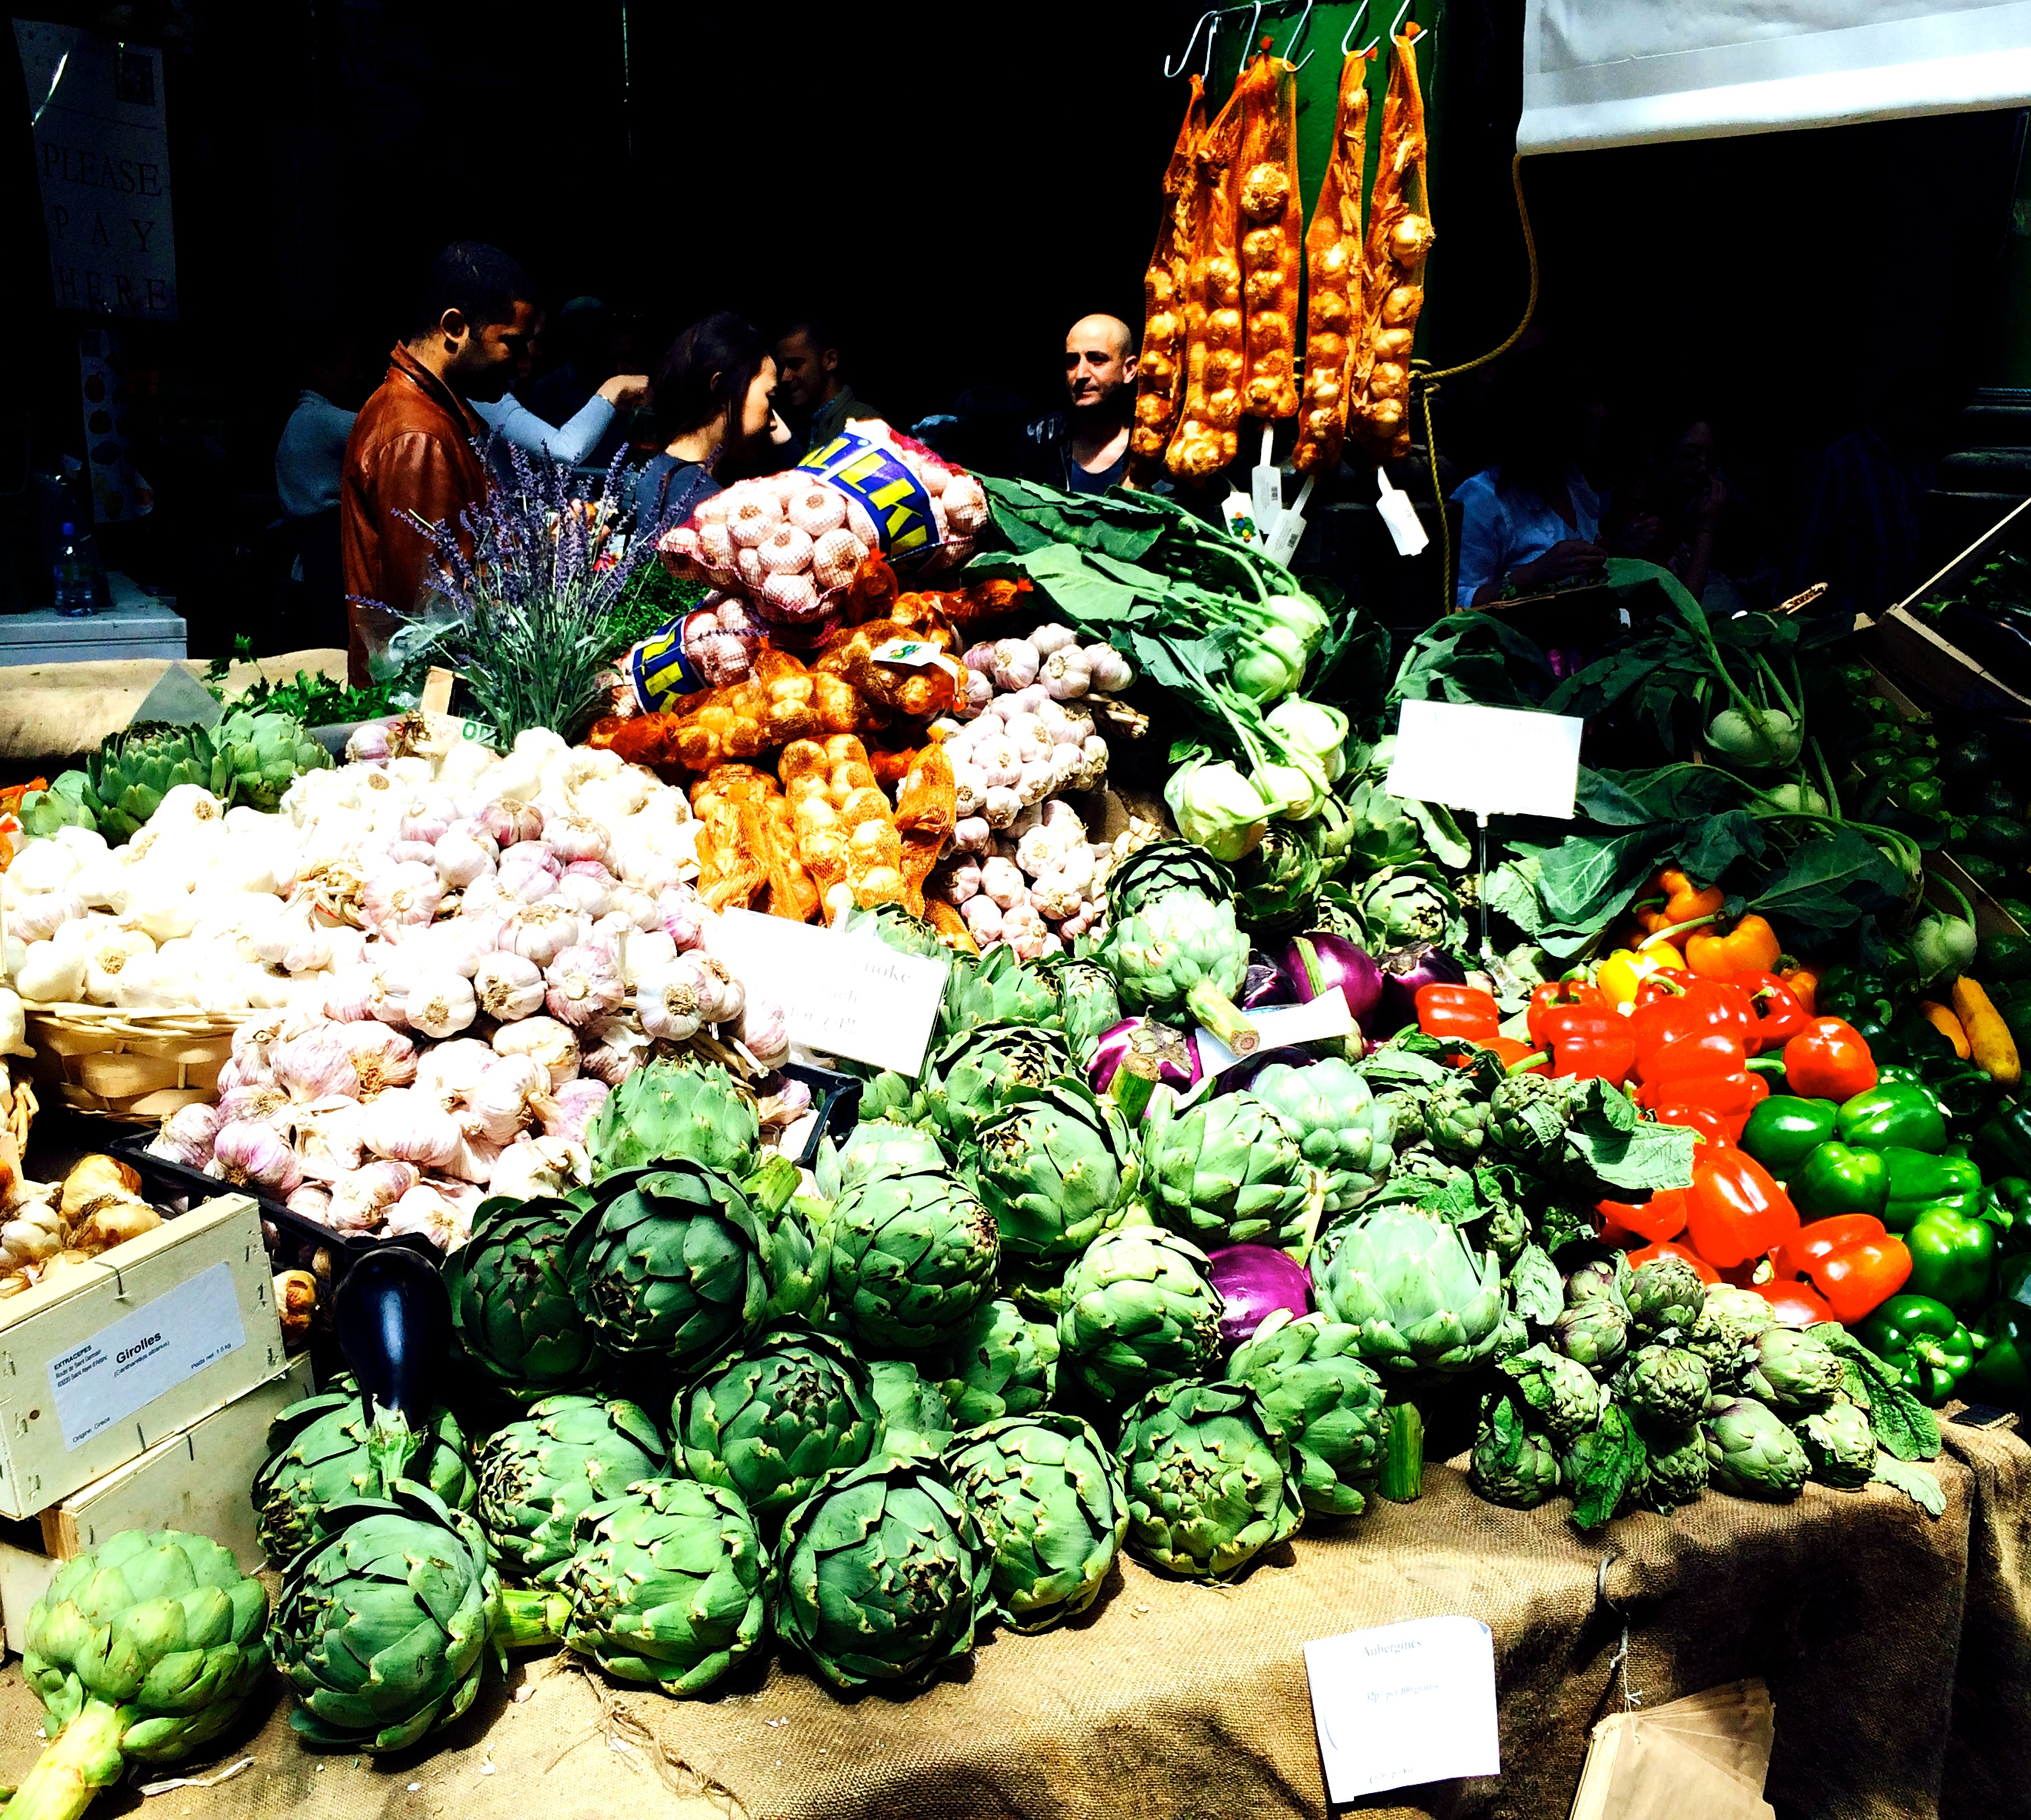 Borough Market à Southwark, à l'est de Southbank (Londres) - Photo de Herry Lawford